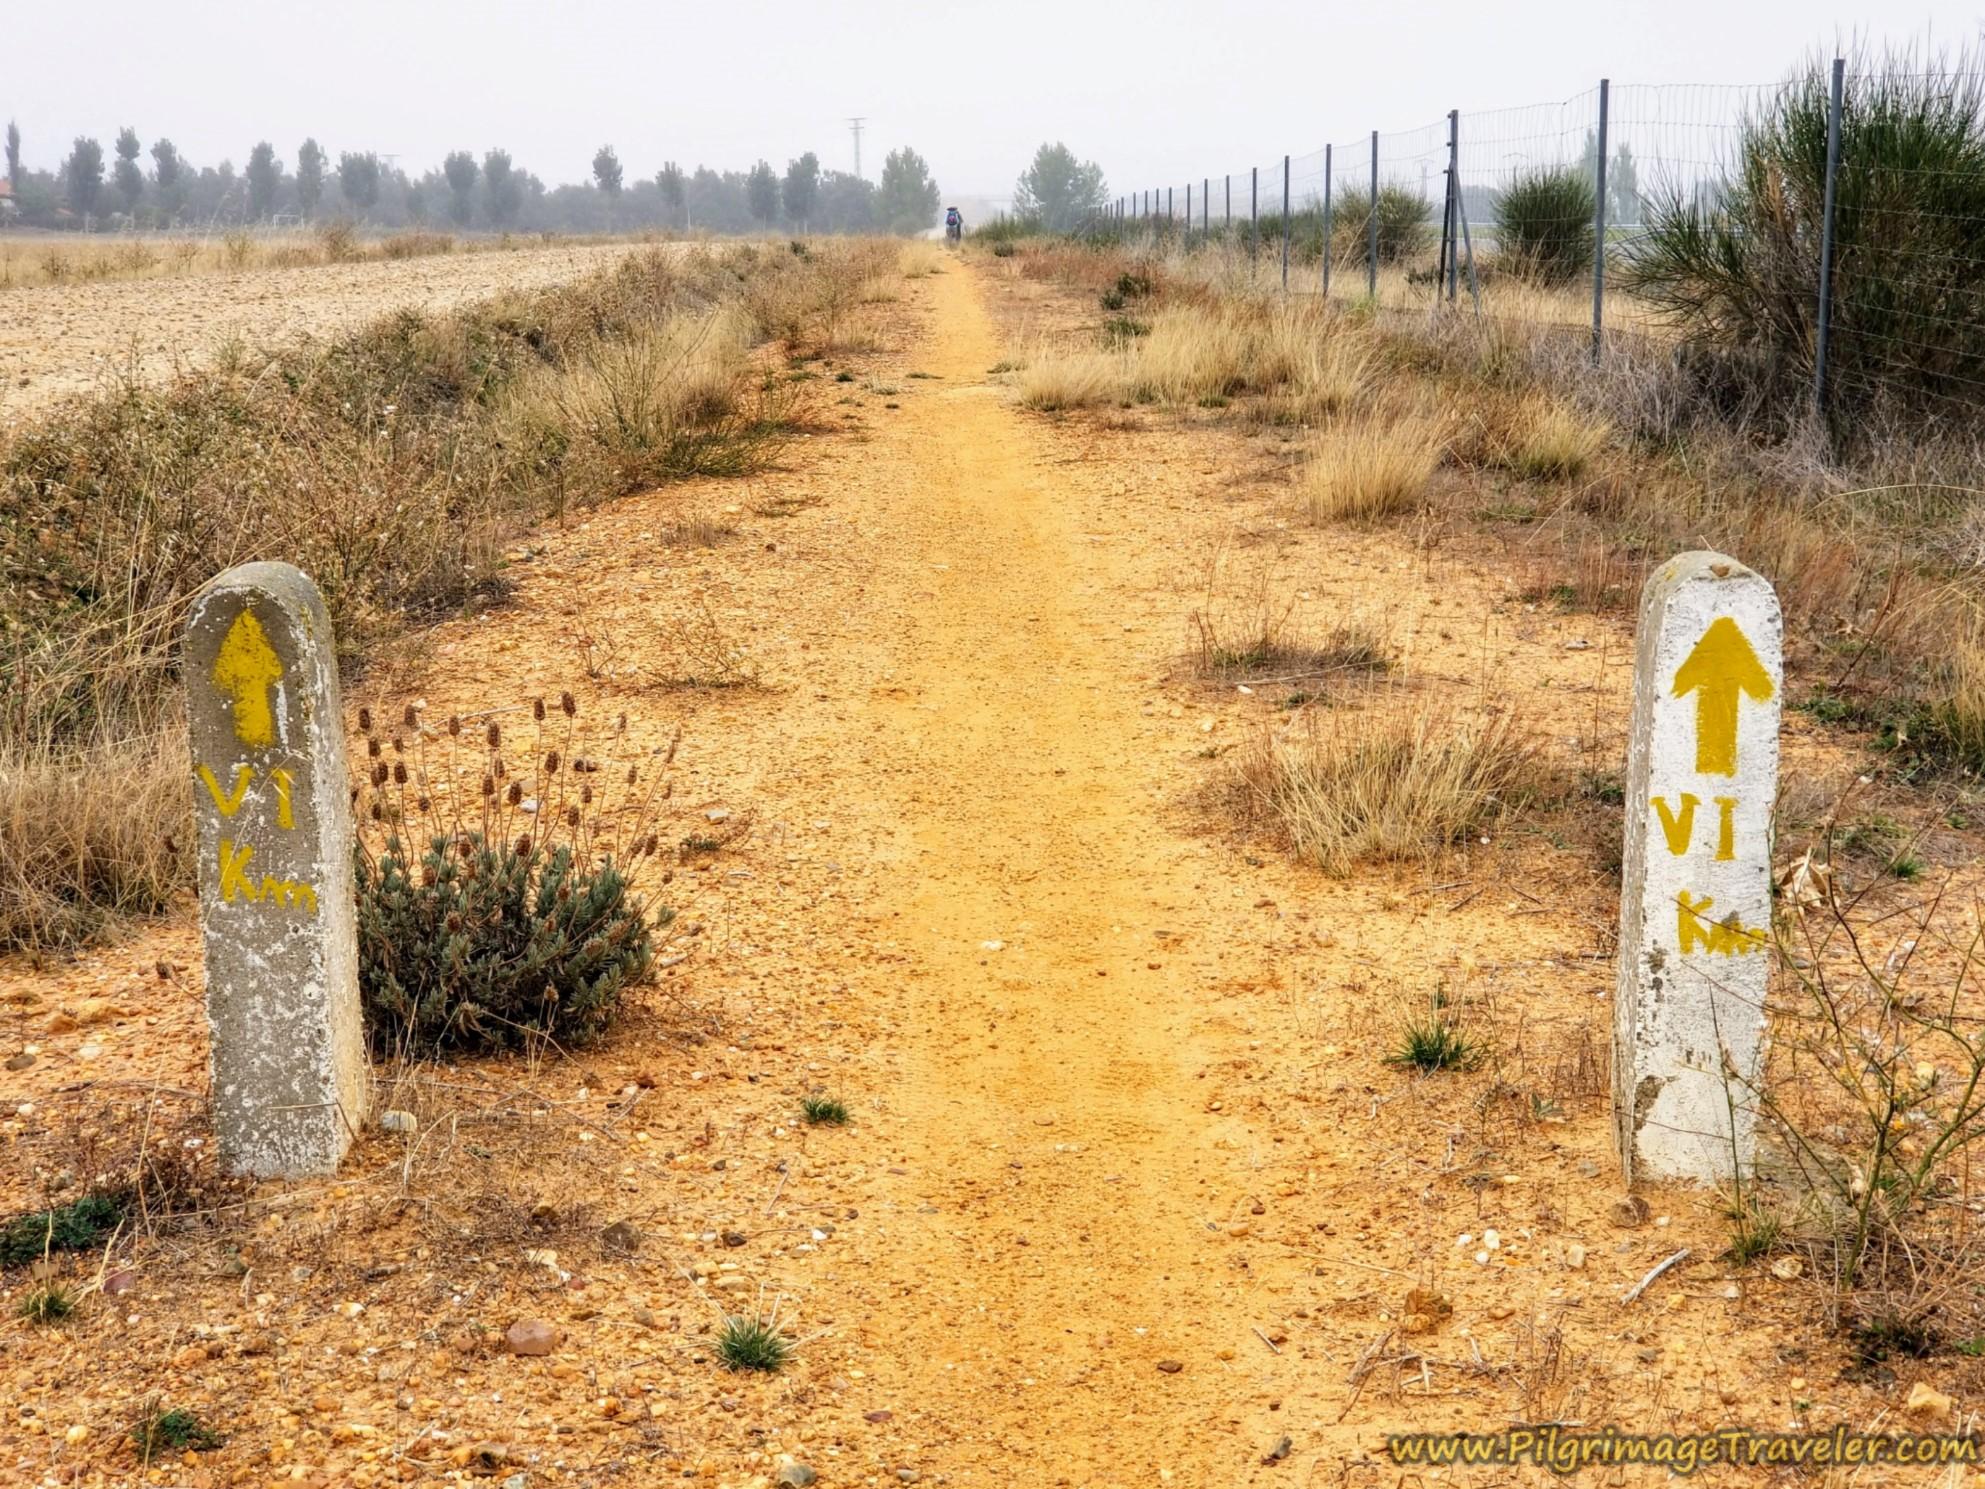 Six Kilometer Countdown to El Cubo de Tierra del Vino on the Vía de la Plata from Cañedino to Villanueva de Campeán